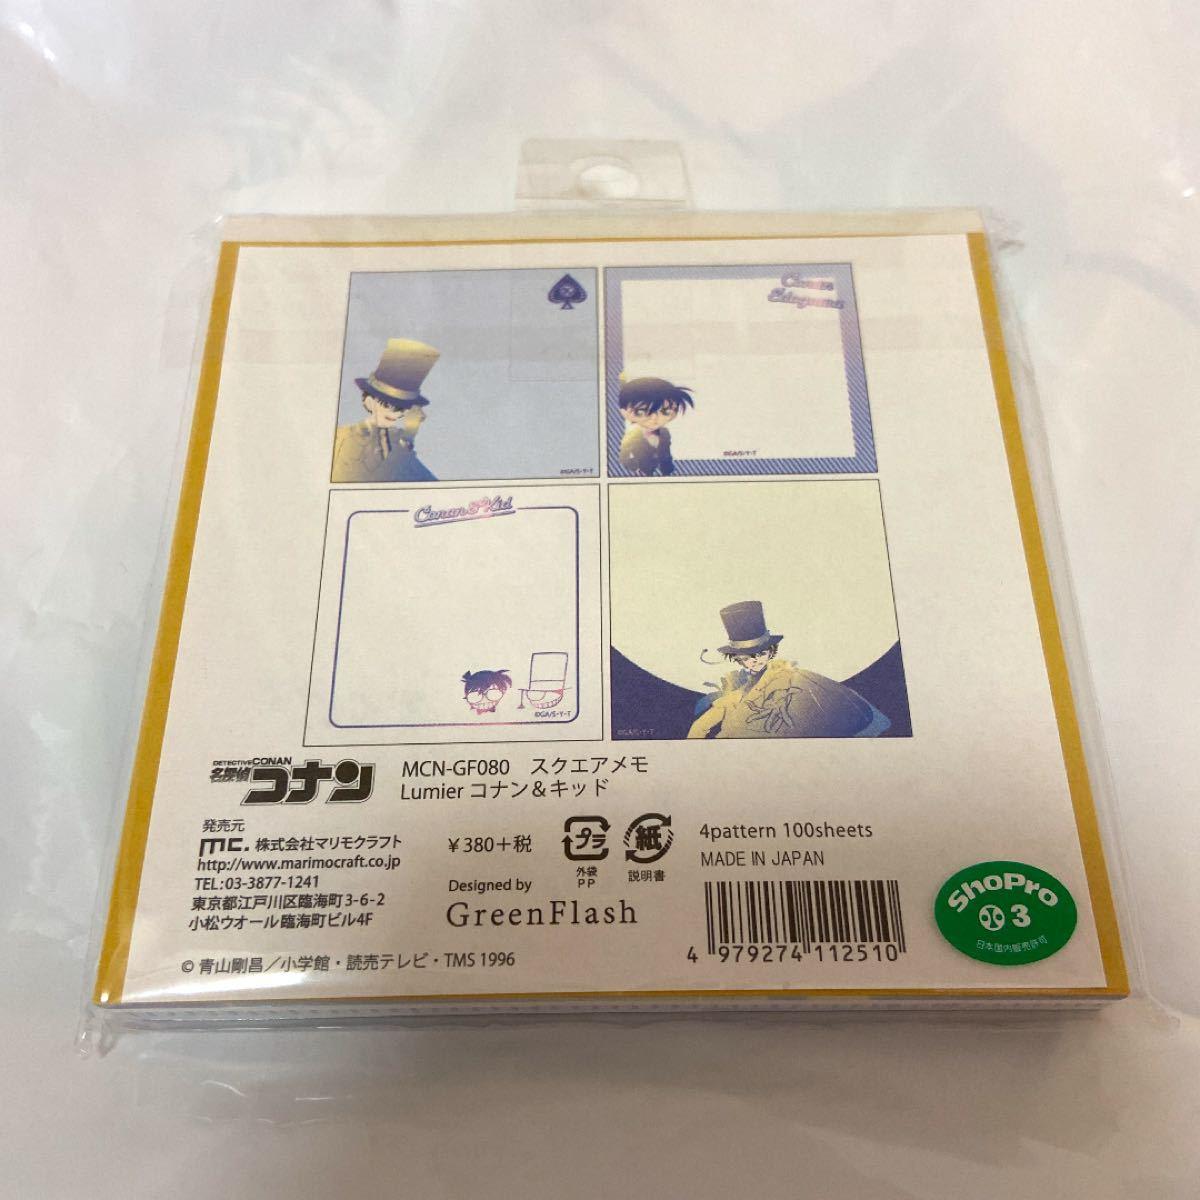 怪盗キッド 江戸川コナン メモ帳 コナンプラザ 名探偵コナン マリモクラフト